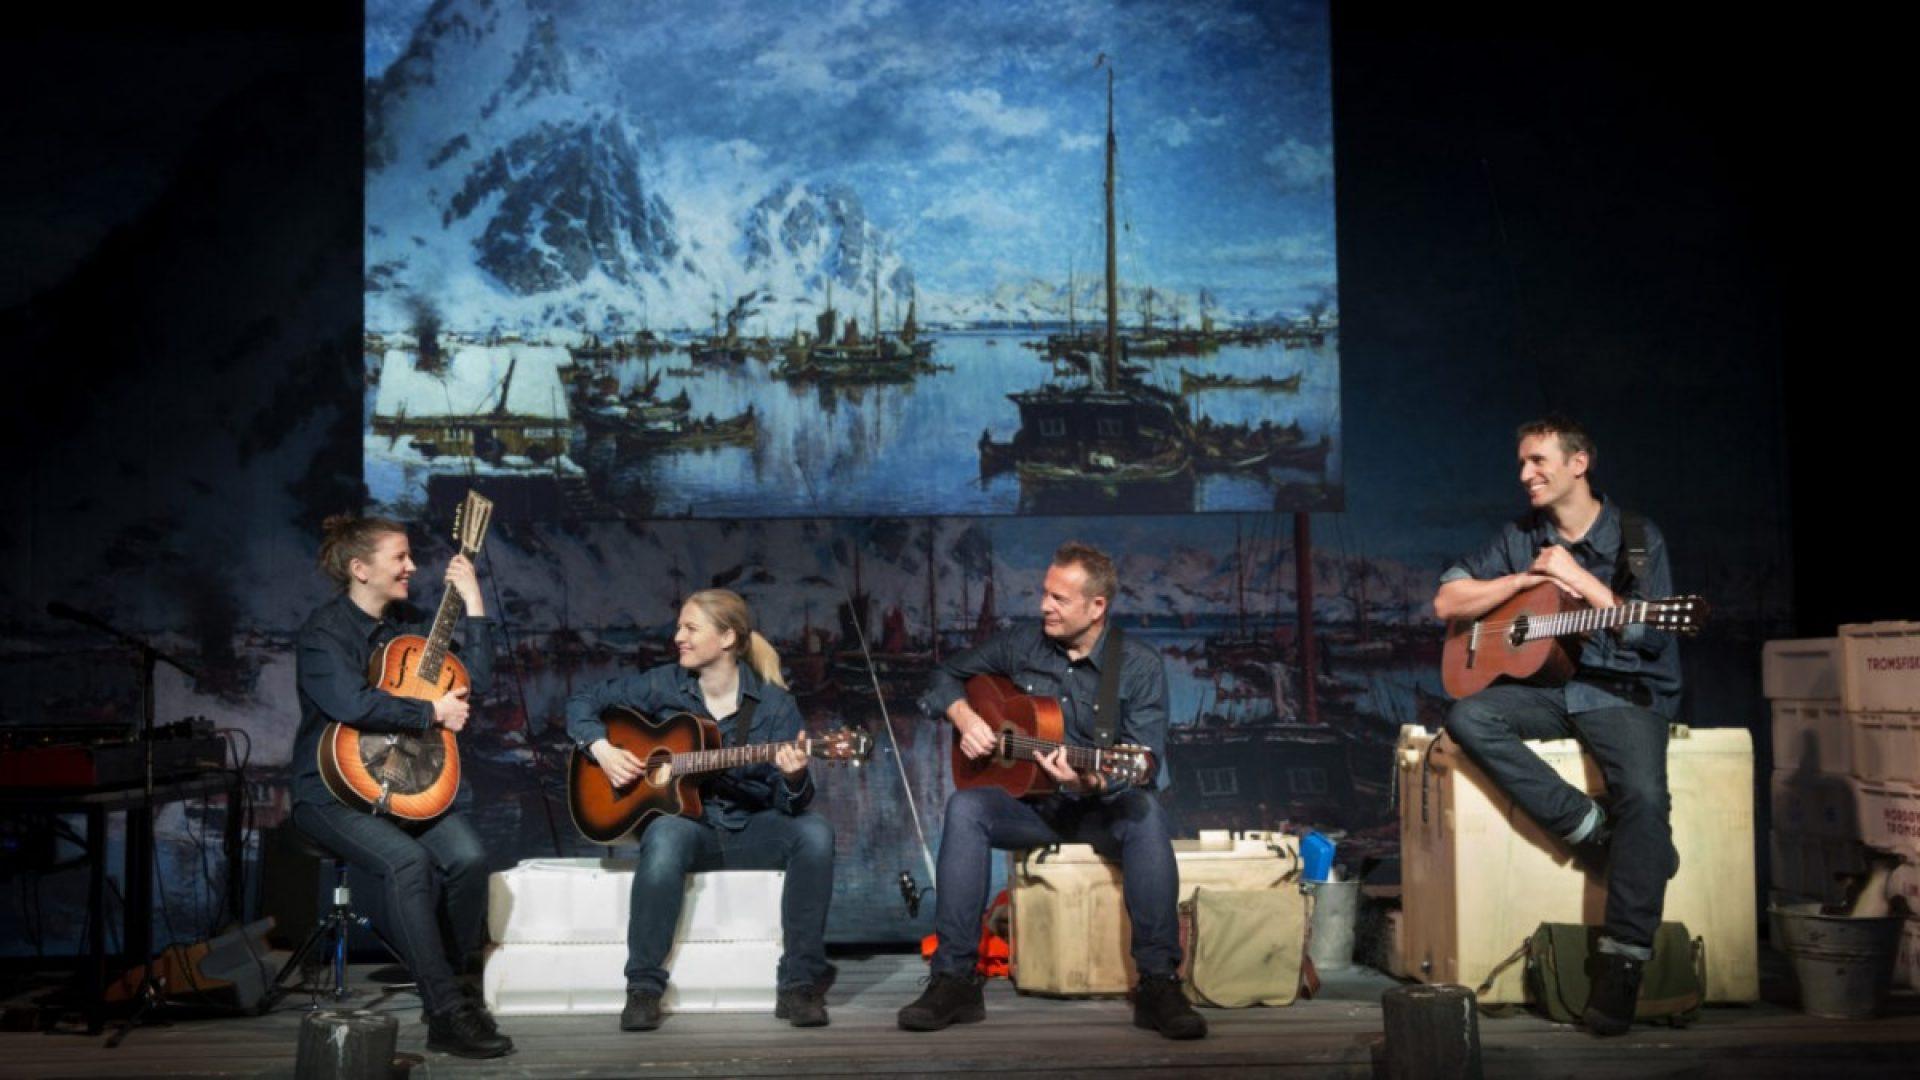 Fire stykker spiller og synger på scenen